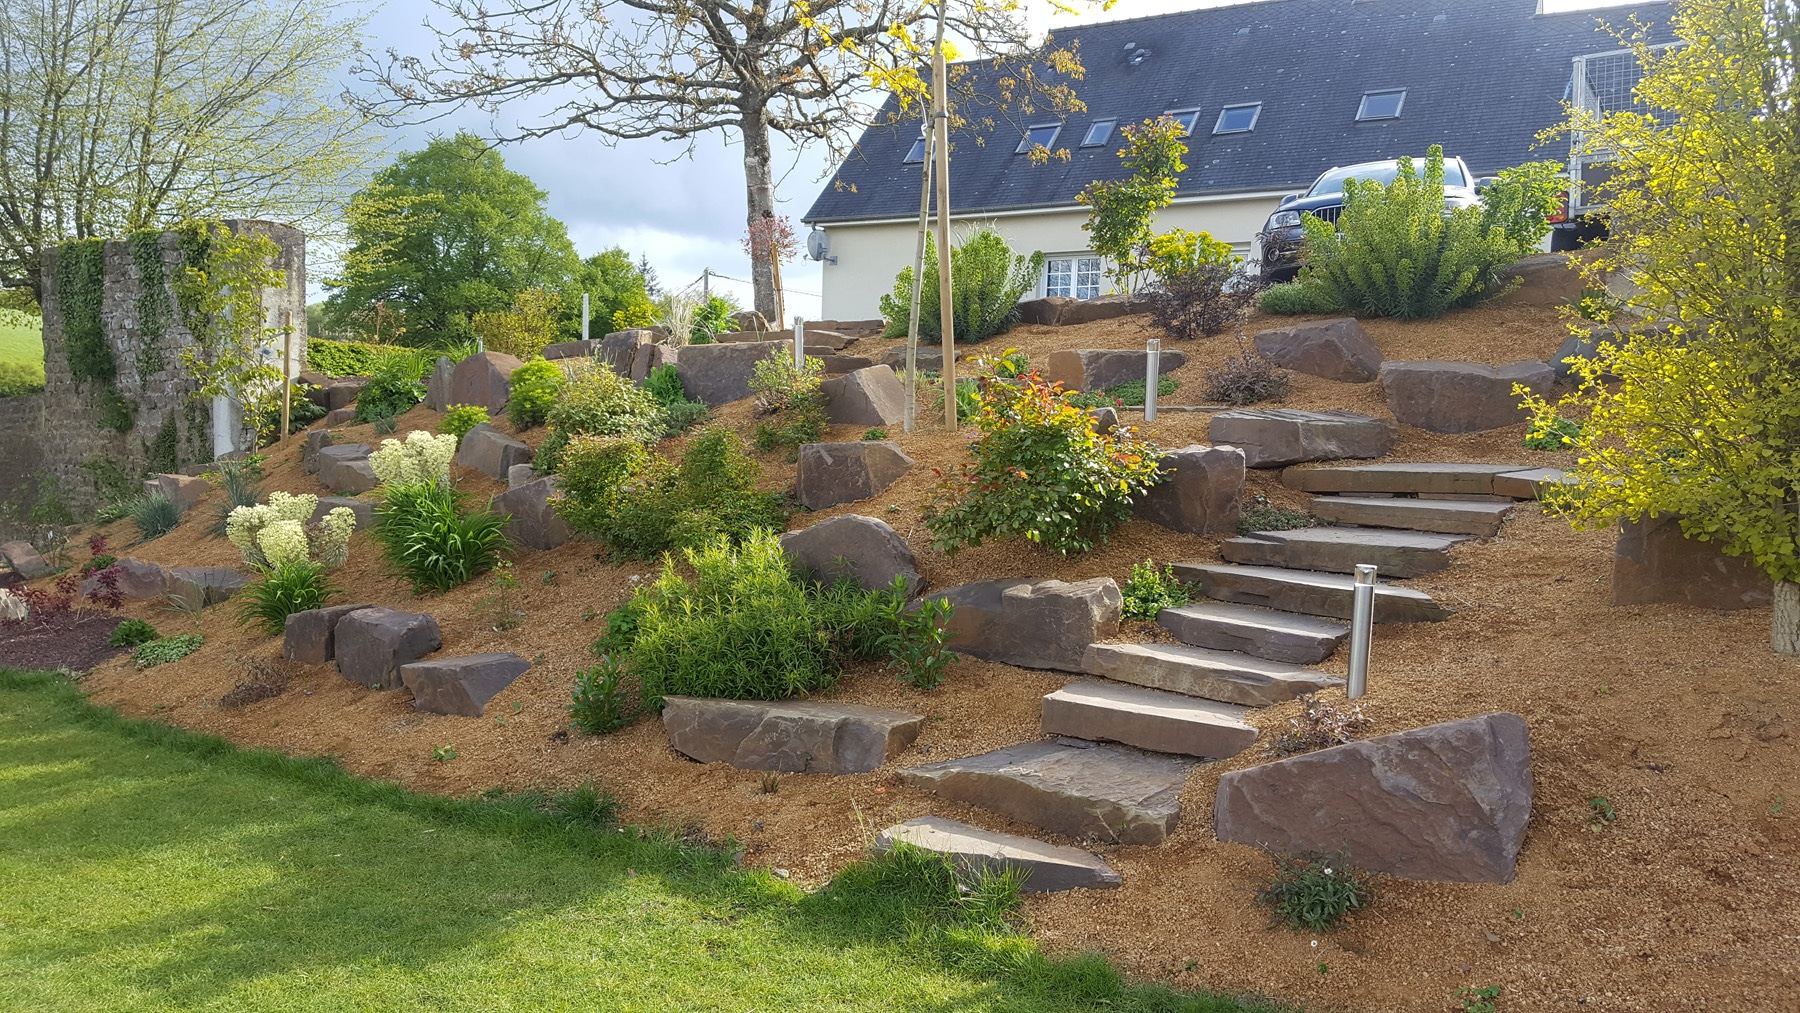 Rocaille De Jardin - Plante De Rocaille | Paysages Conseil dedans Exemple D Aménagement De Jardin